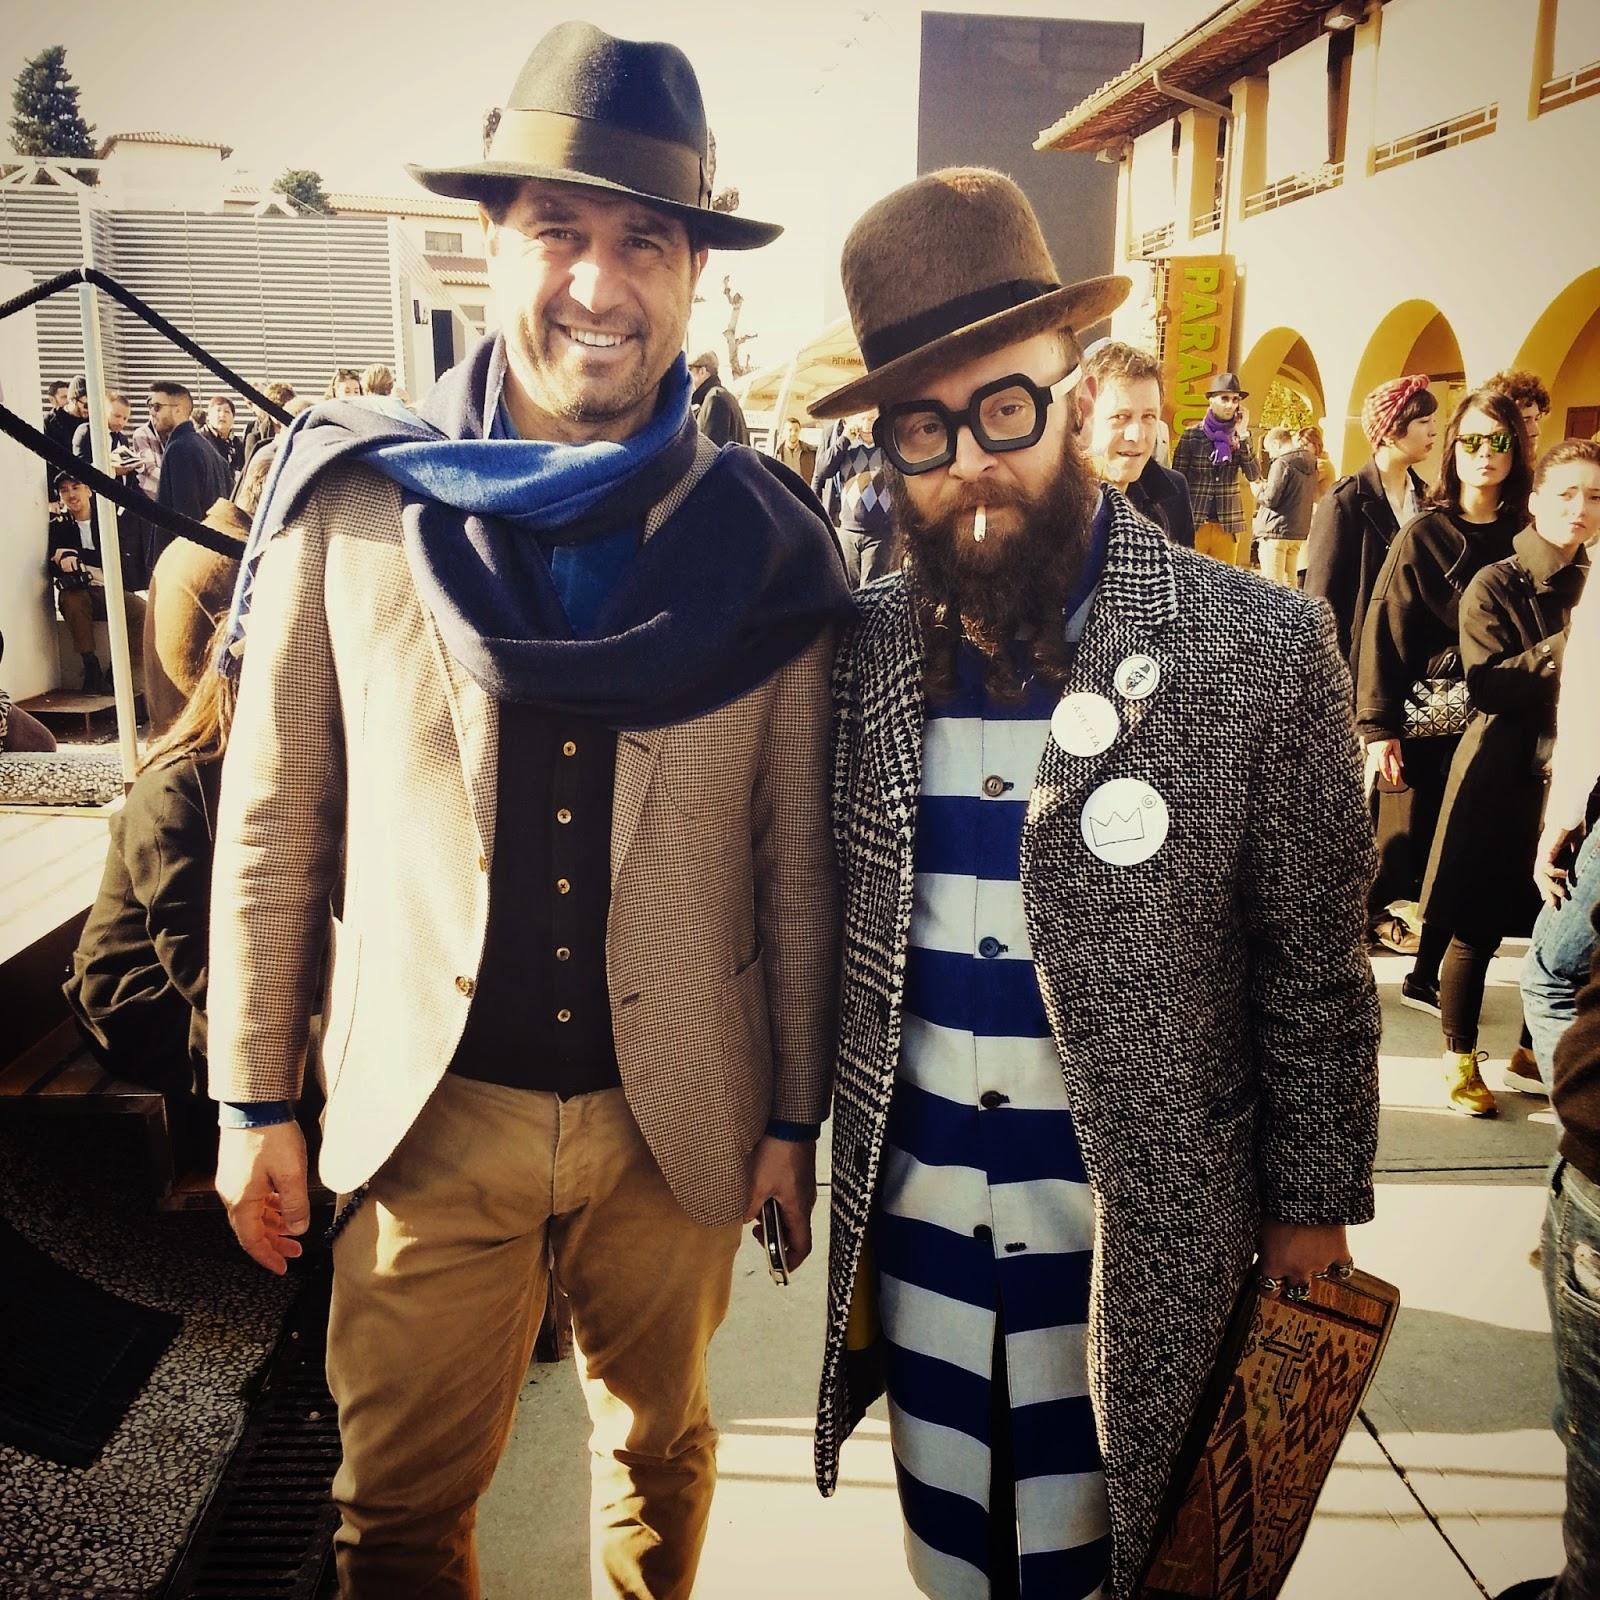 Moda uomo 2015: look hipster